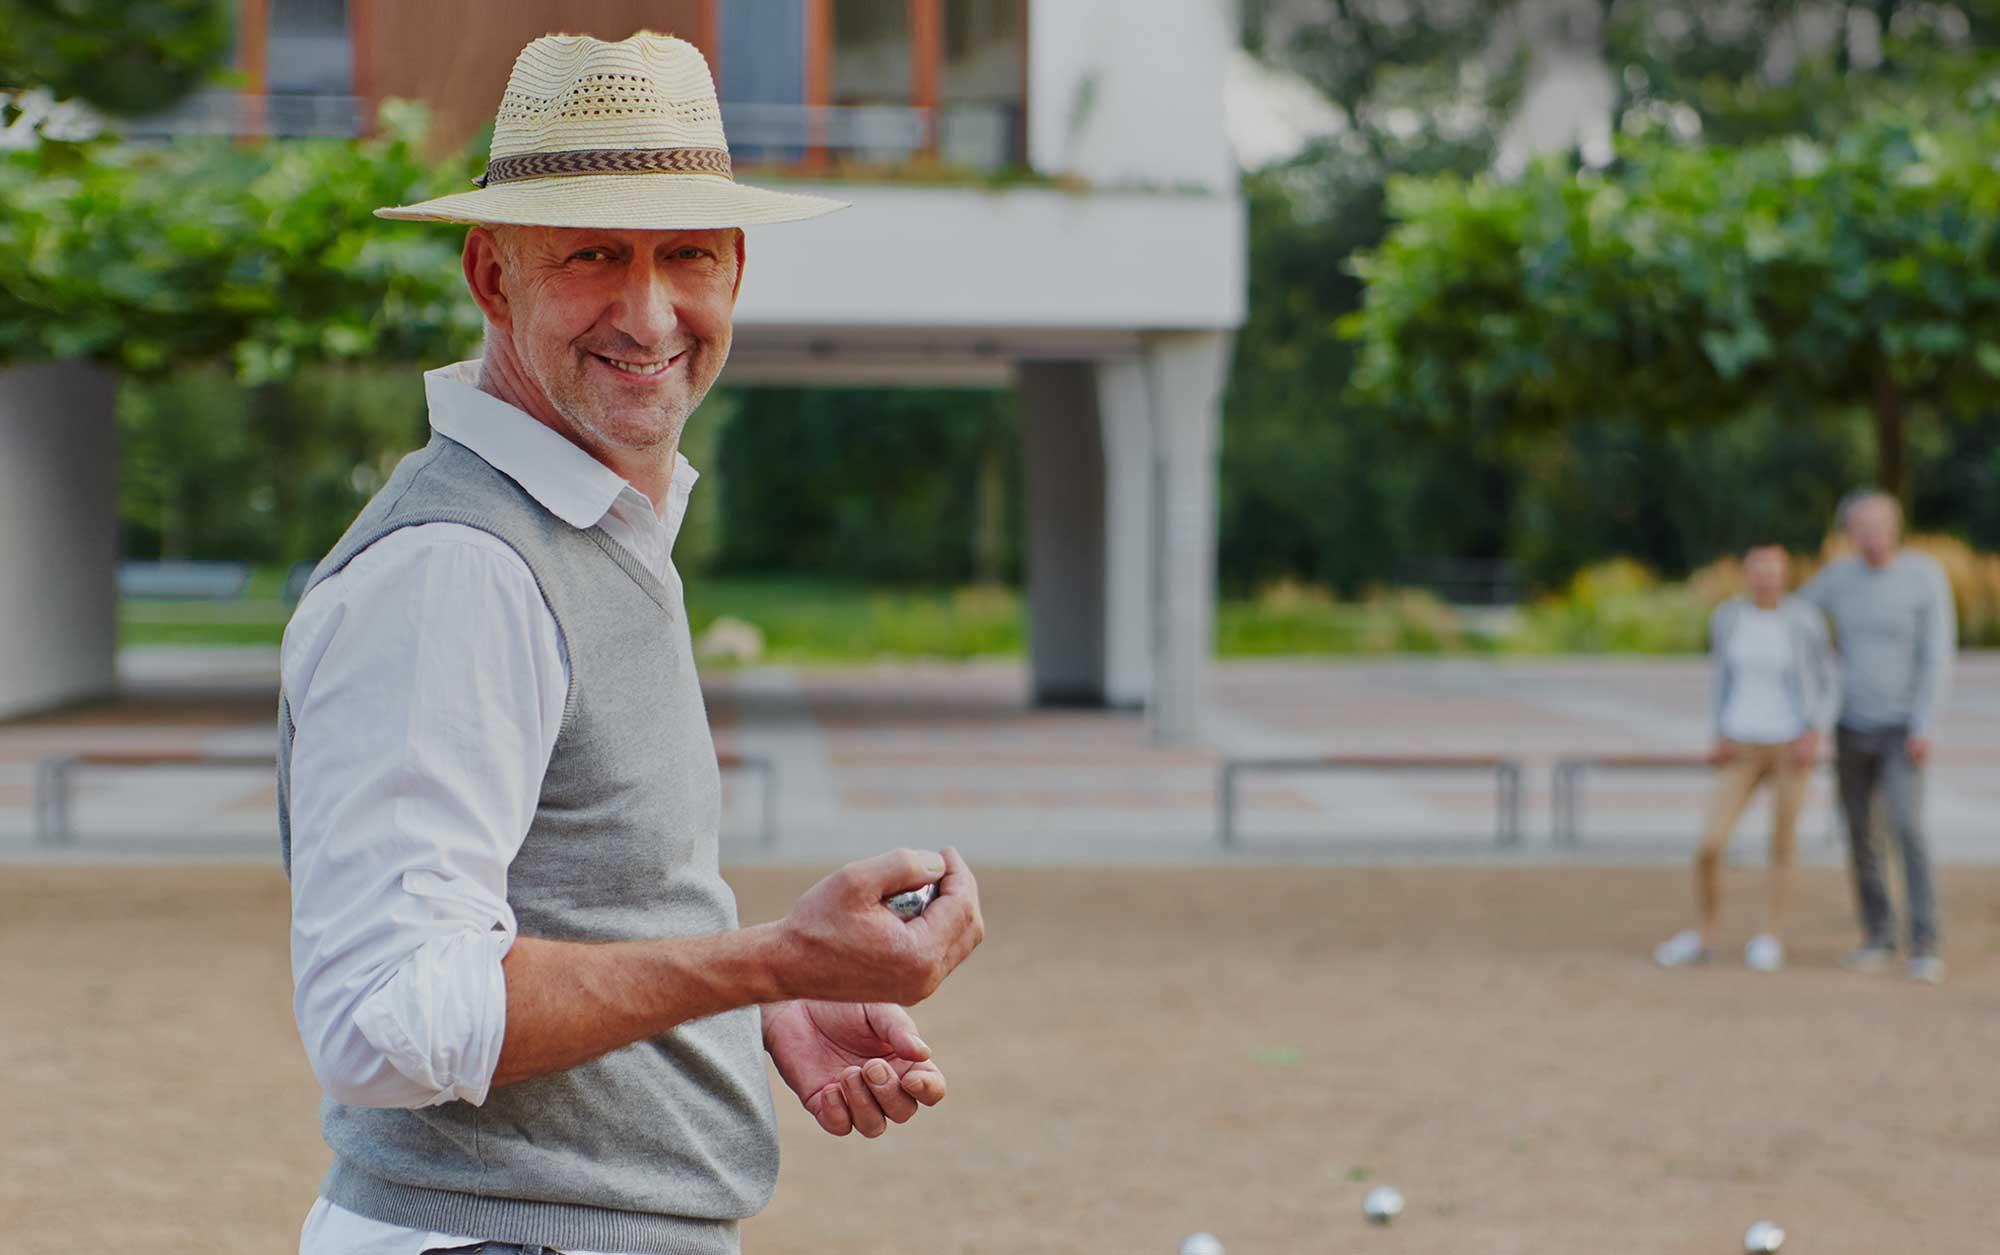 Man playing bocce ball